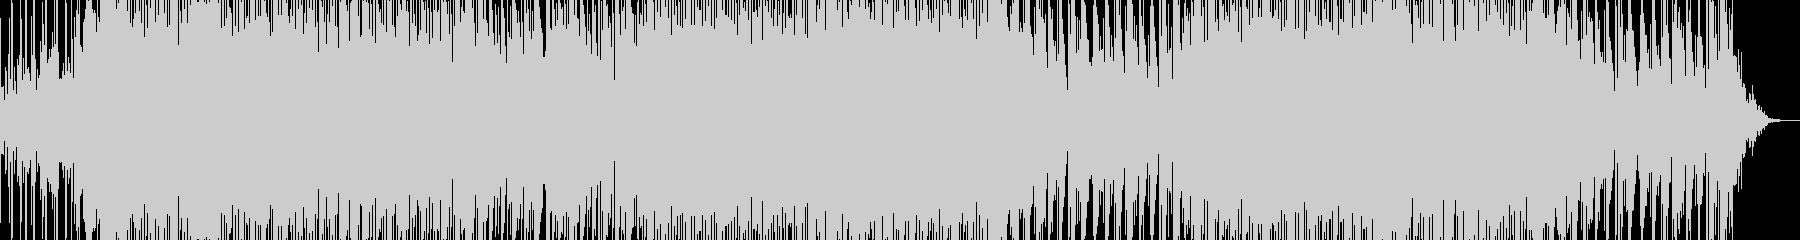 怪しげなリフが印象的なテクノBGMの未再生の波形